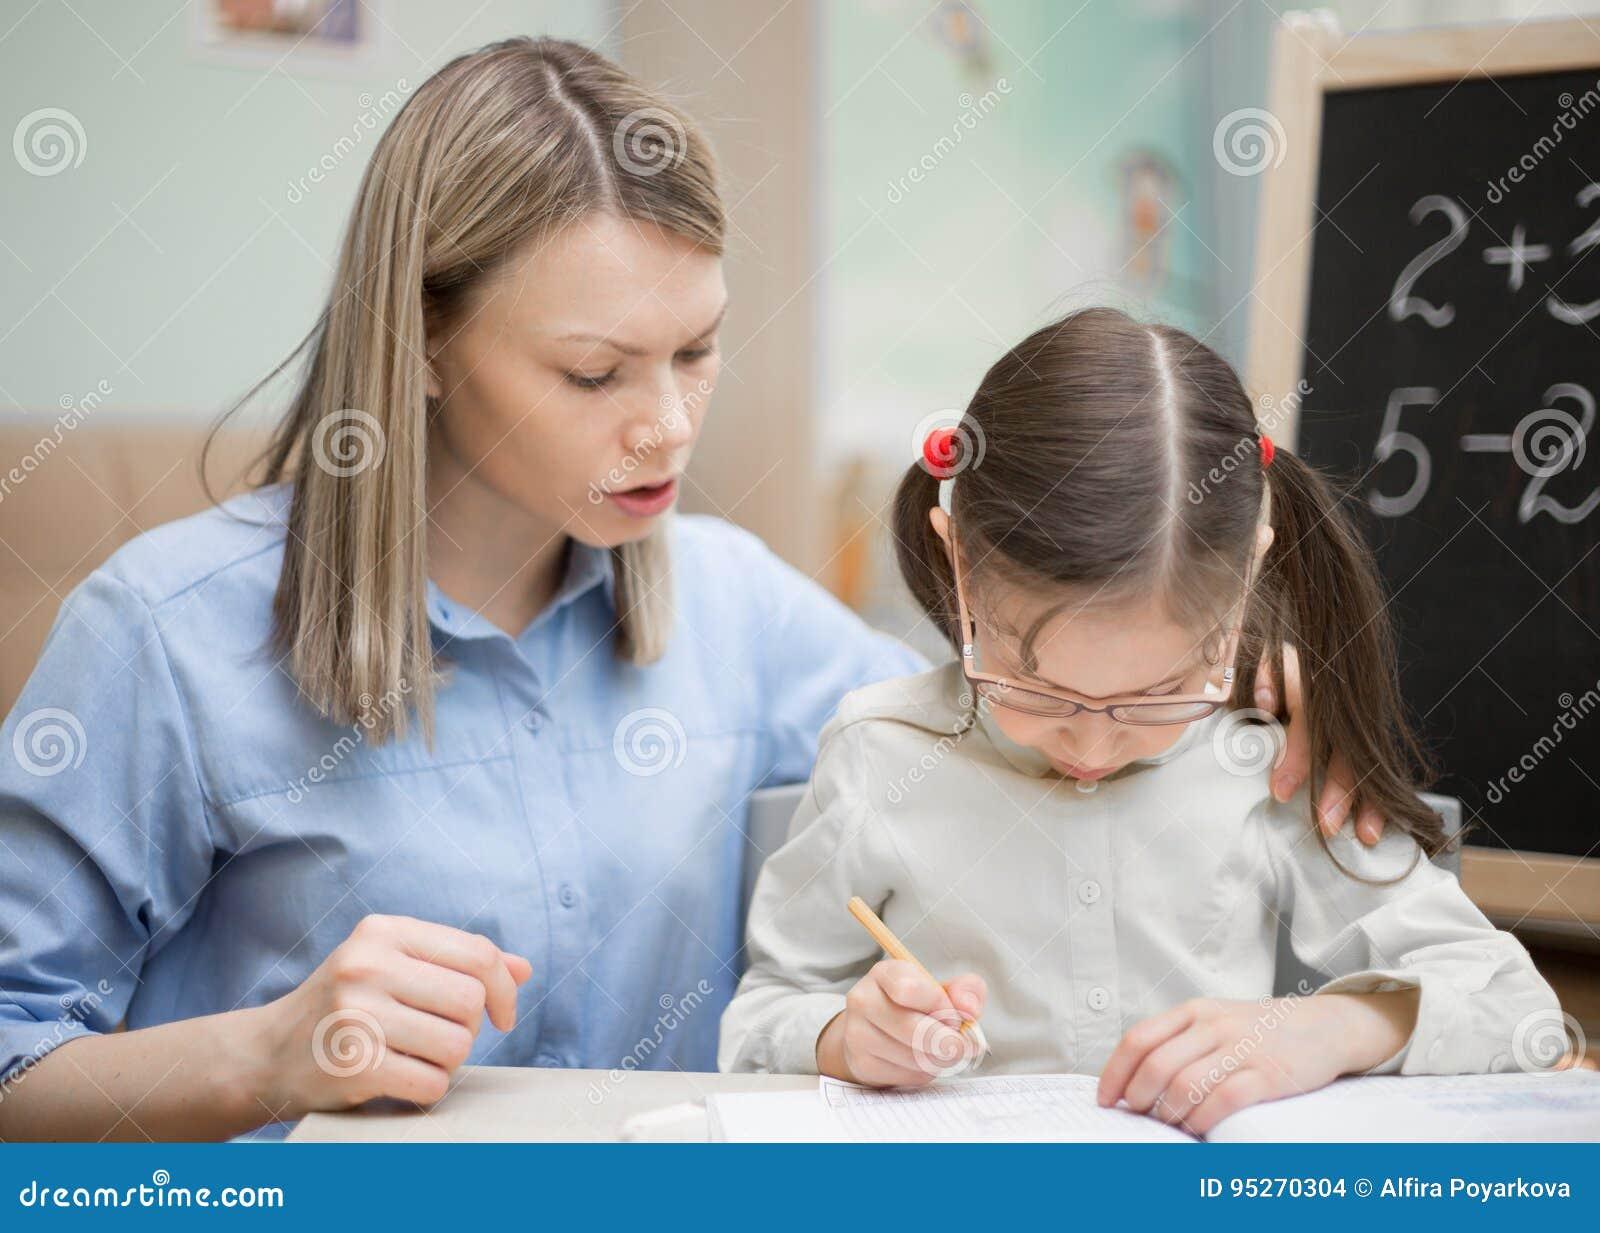 Educación casera preescolar La chica joven hermosa está enseñando en h